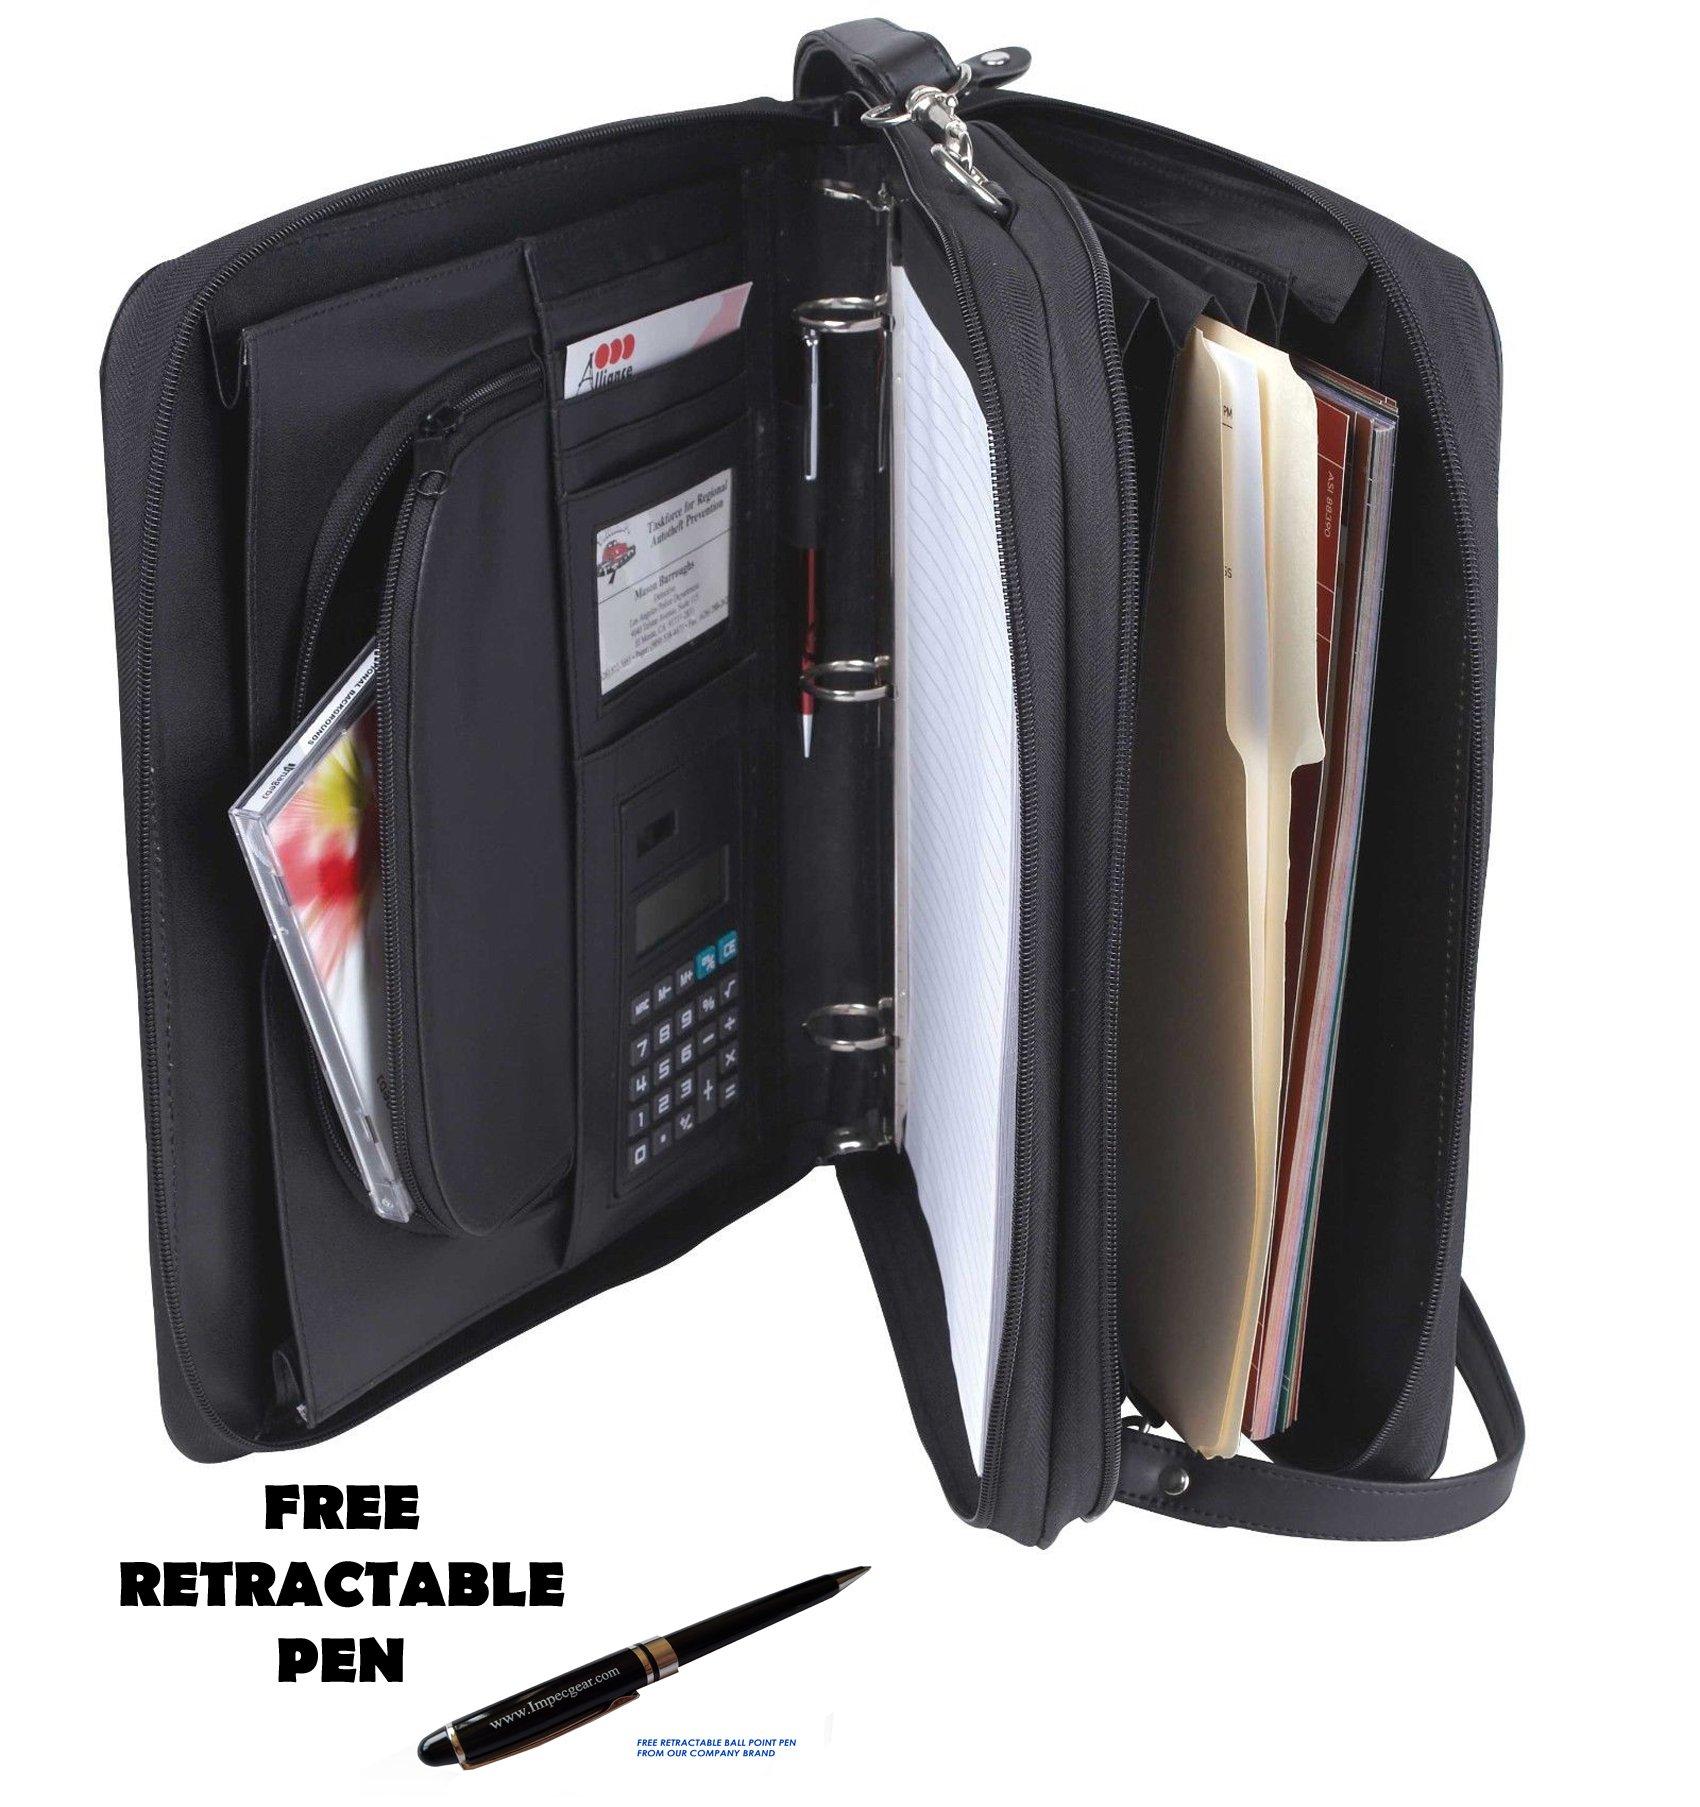 Padfolio 3-Ring Binders, Folder File Divider Organizer Planner w/Smart Handle, Briefcase Luggage Portfolio